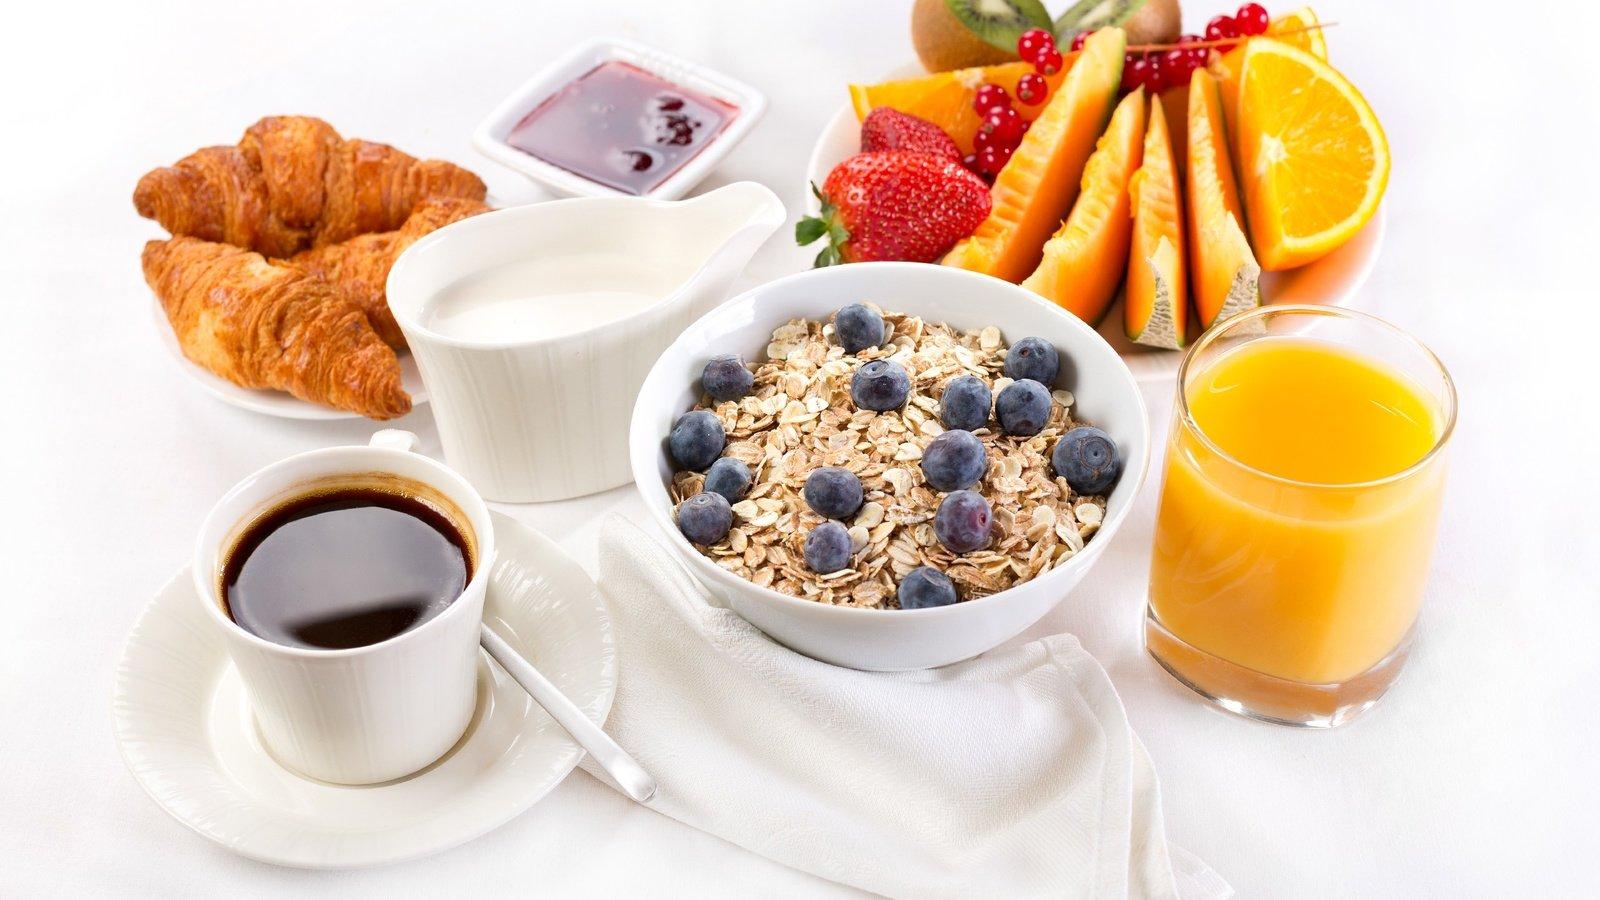 Картинка завтраков красивых